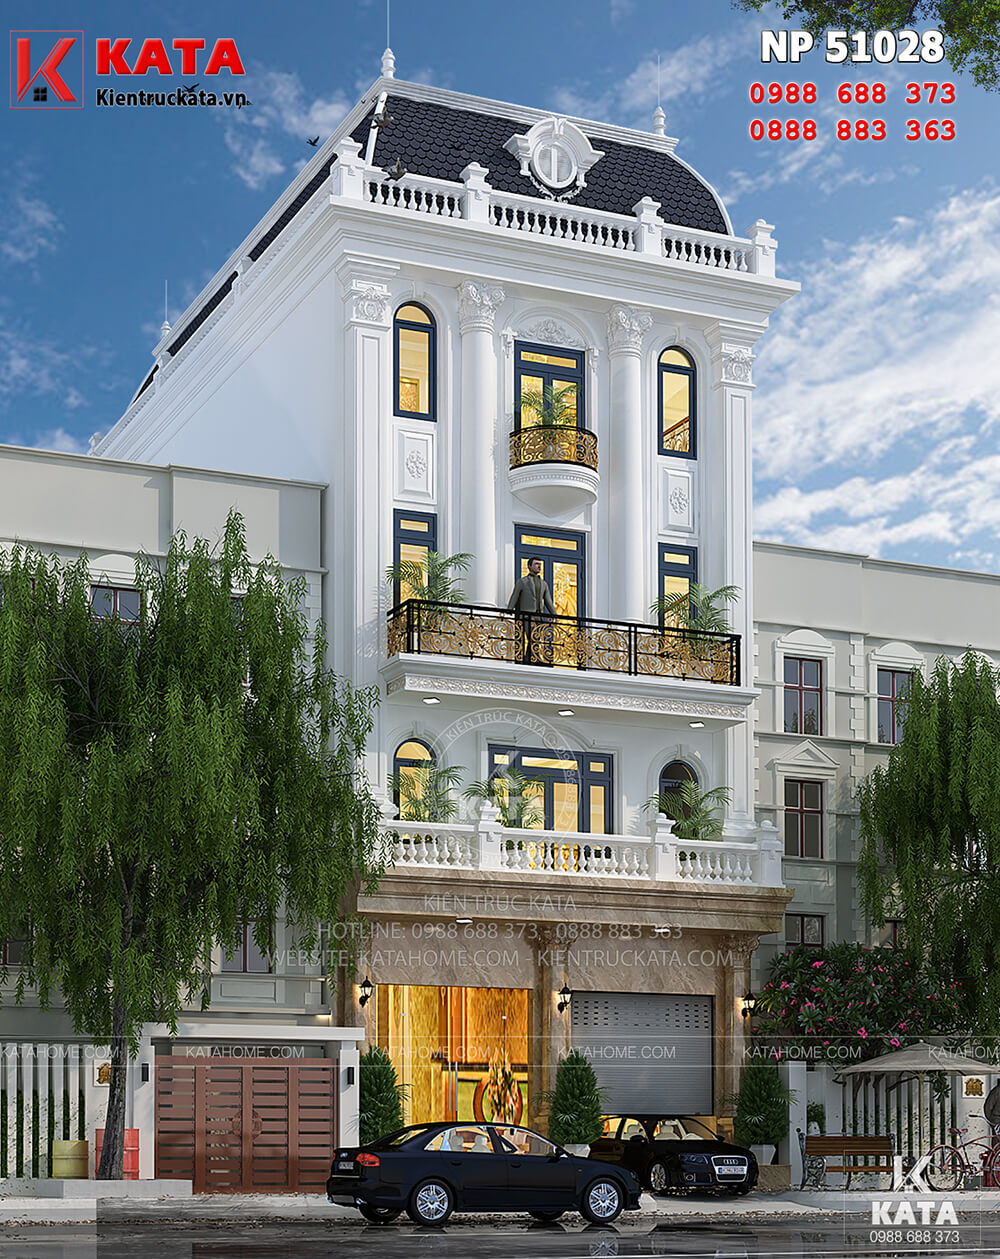 Mẫu thiết kế khách sạn nhà phố kiến trúc tân cổ điển với hệ mái mansard đồ sộ và bề thế tại Hà Nội